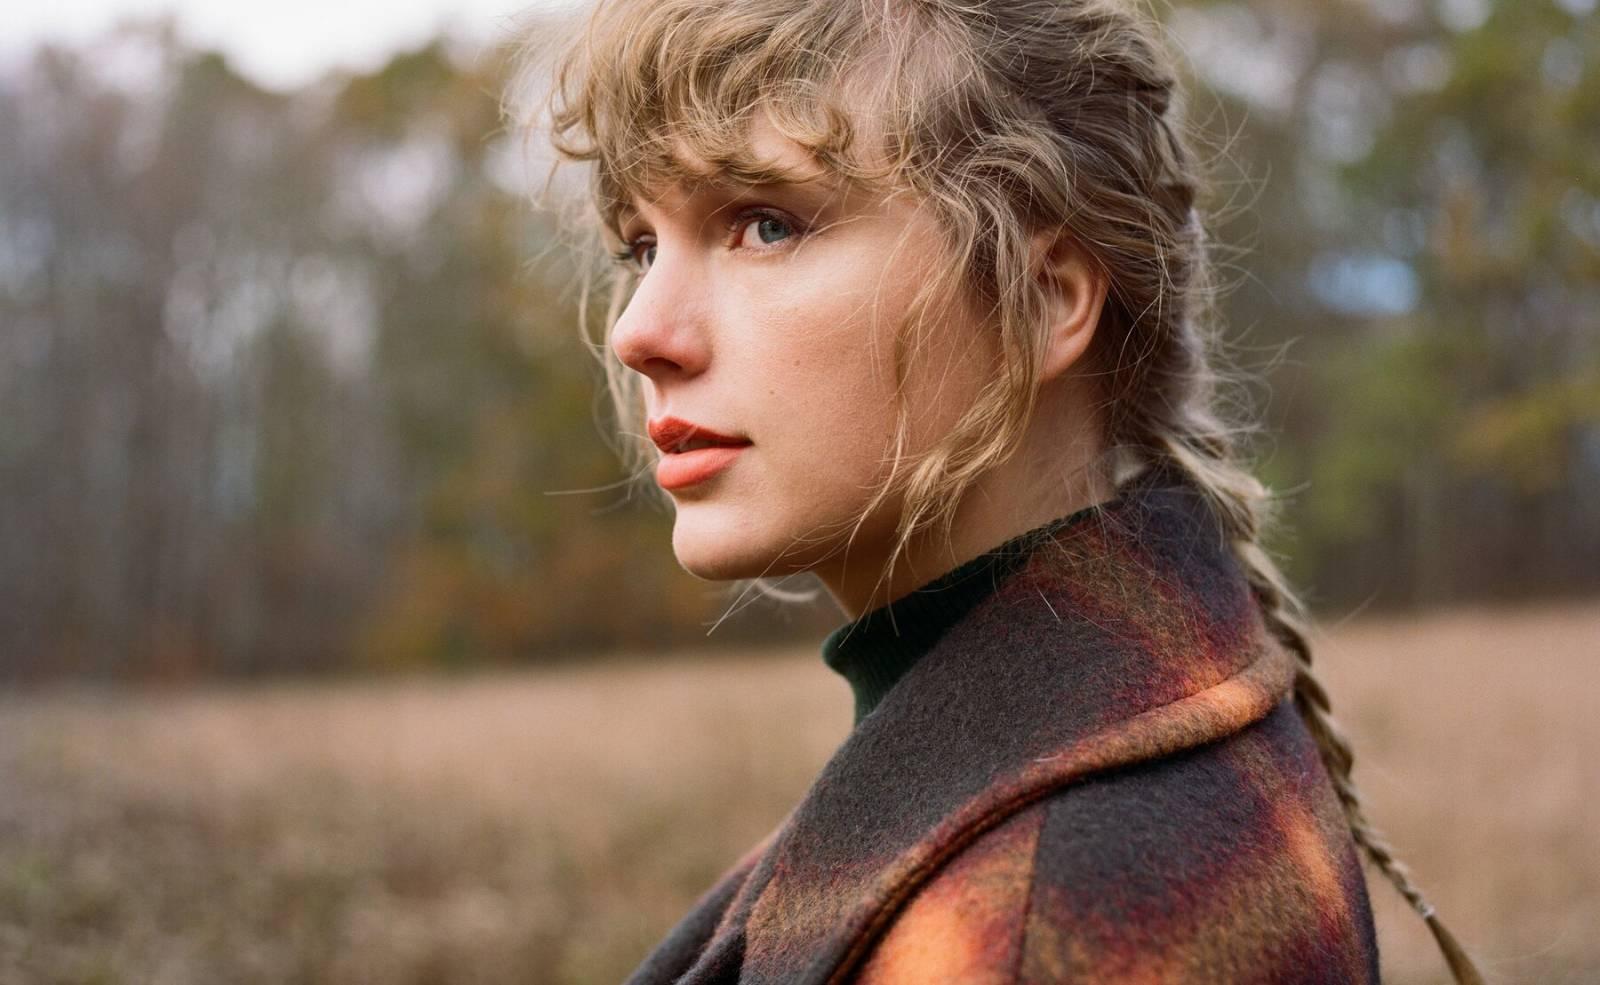 RECENZE: Rok 2020 z Taylor Swift smyl pompéznost popu. Novinka Evermore je pestřejší než mladší sestra Folklore